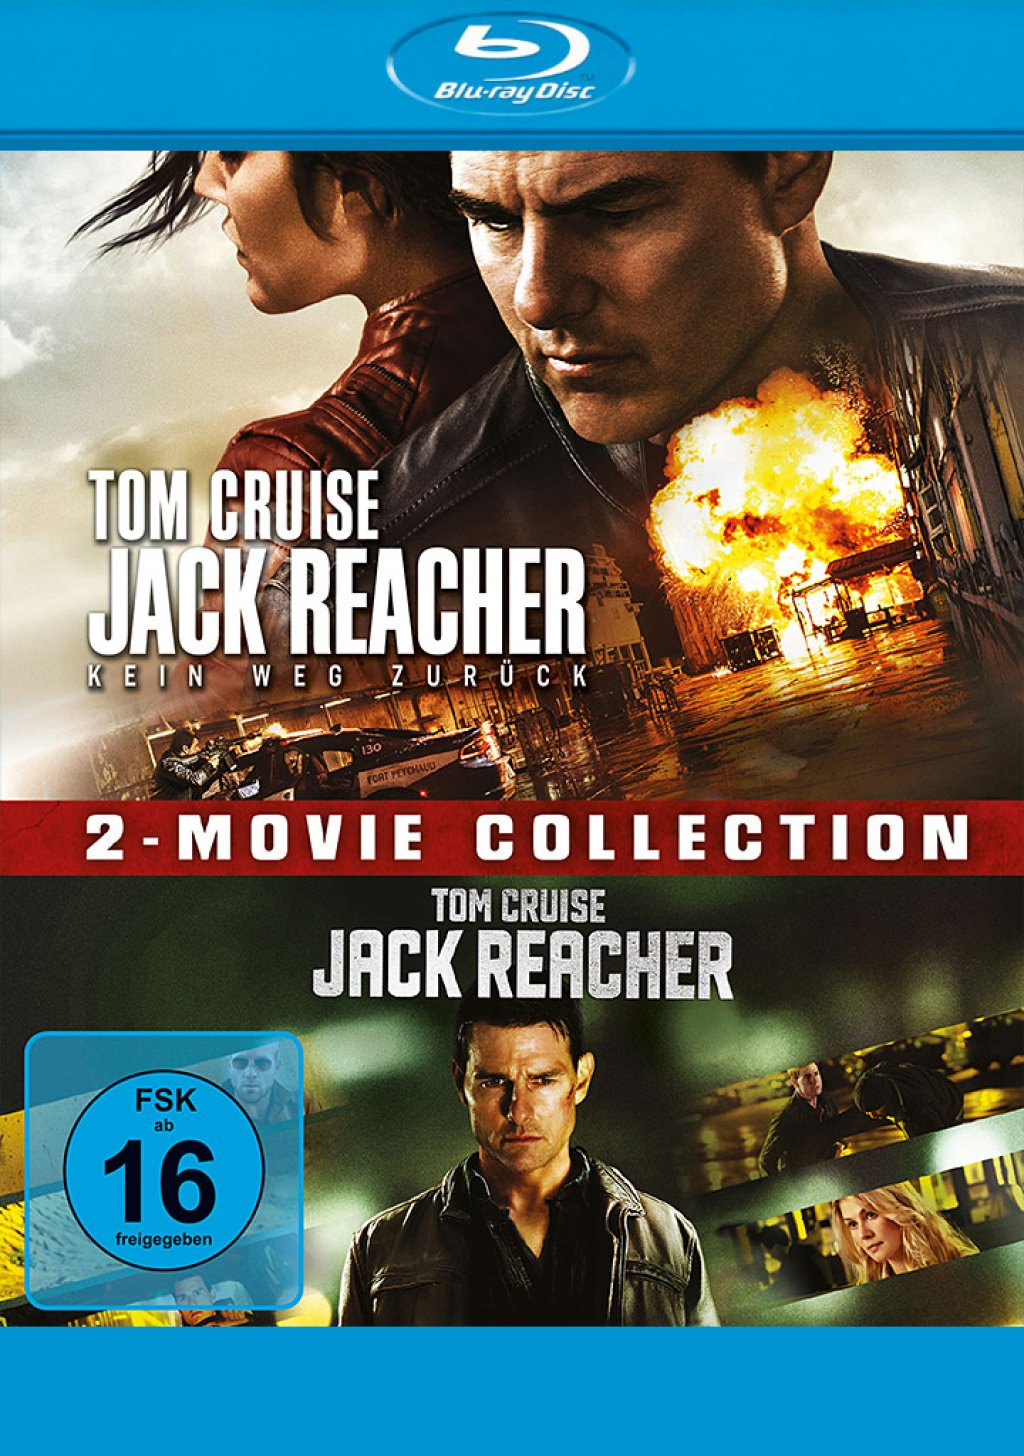 Jack Reacher & Jack Reacher - Kein Weg zurück - 2-Movie Collection (Blu-ray)